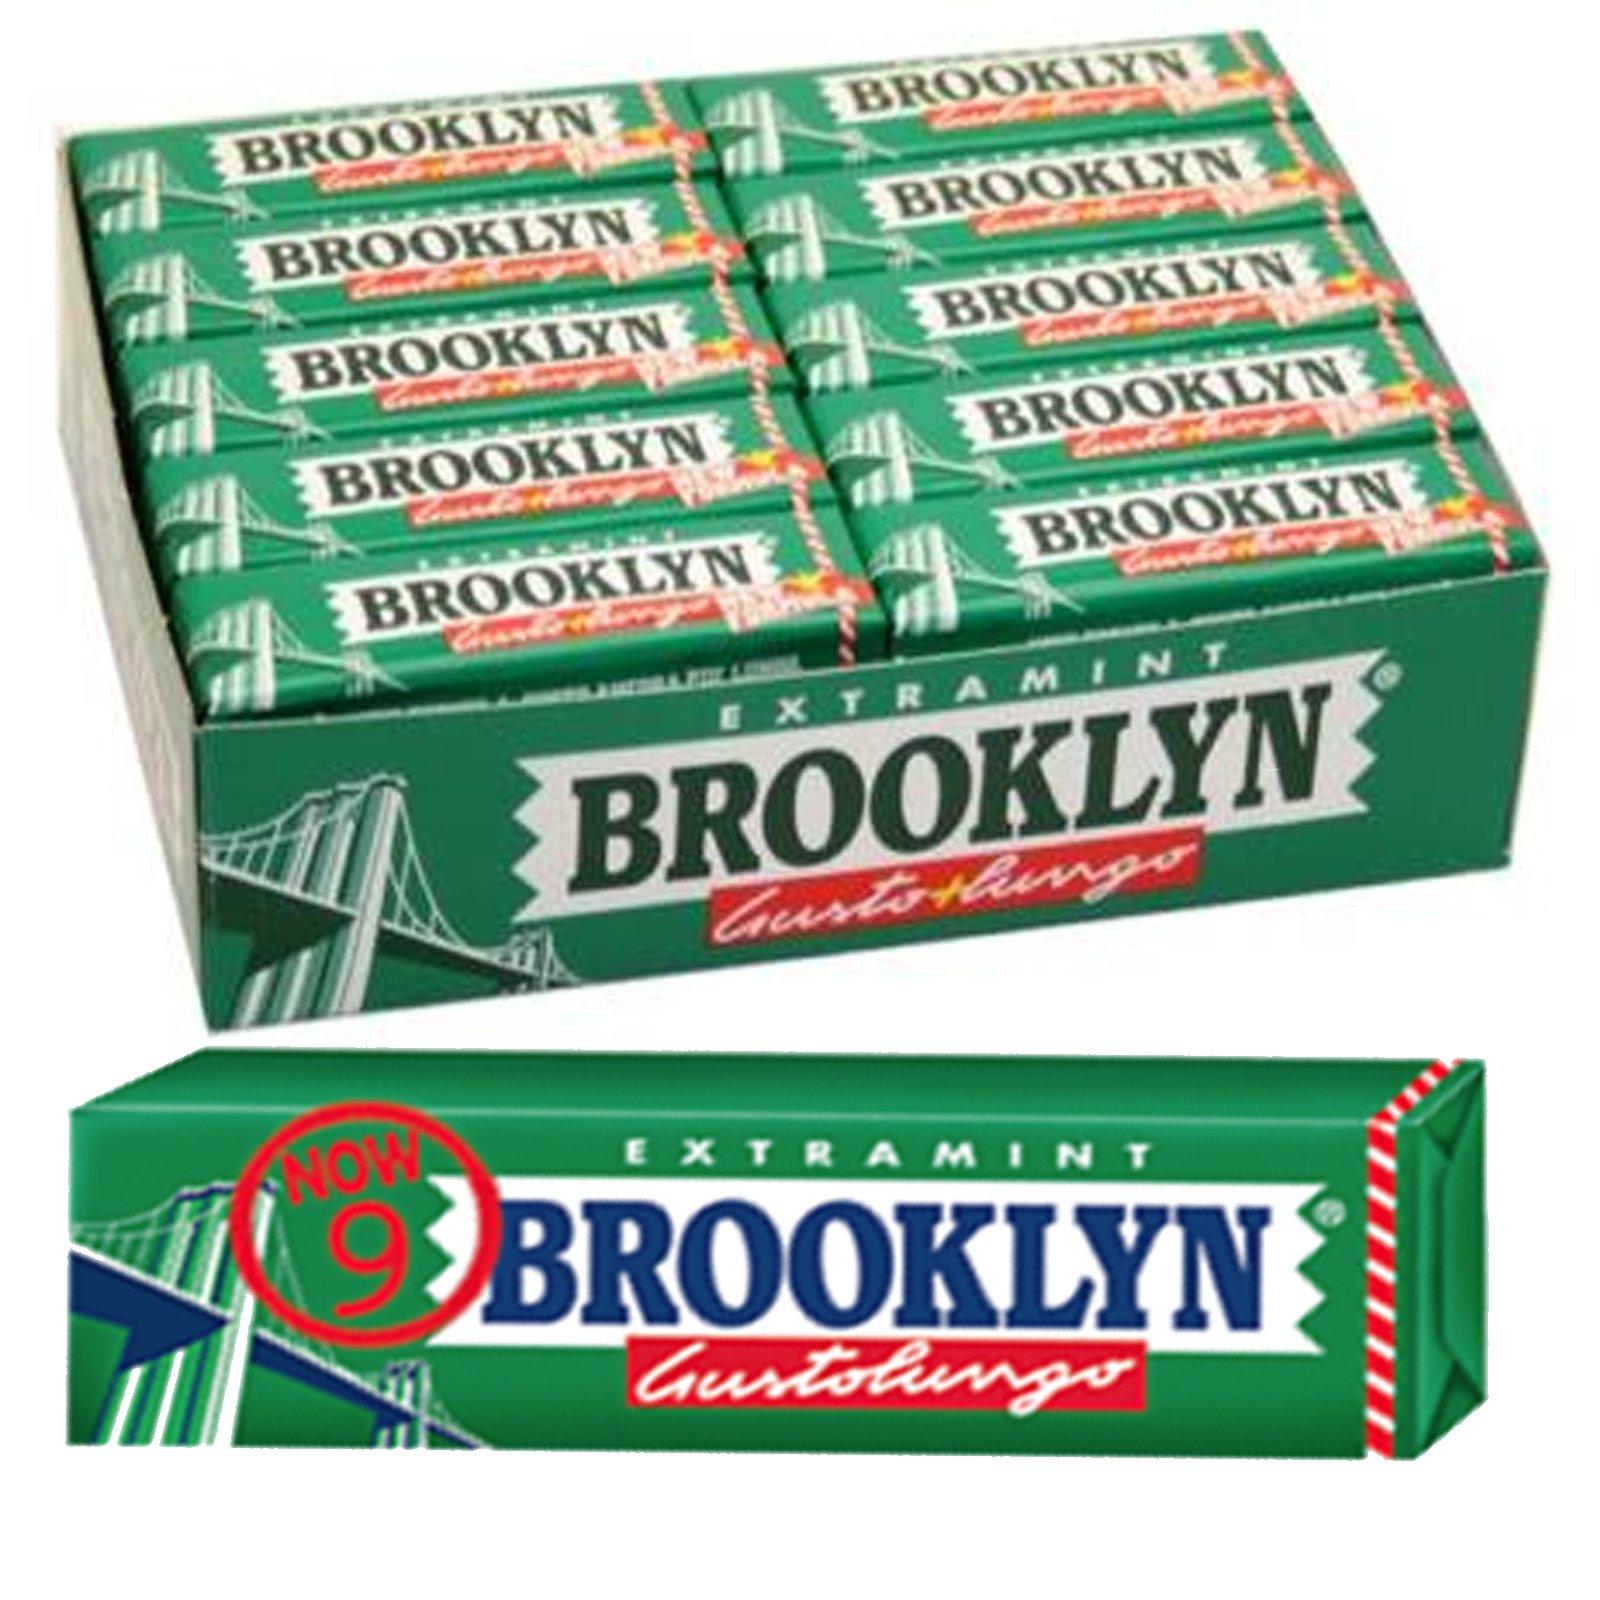 10 PACKS BROOKLYN EXTRAMINT Mint, DARK GREEN CHEWING GUM